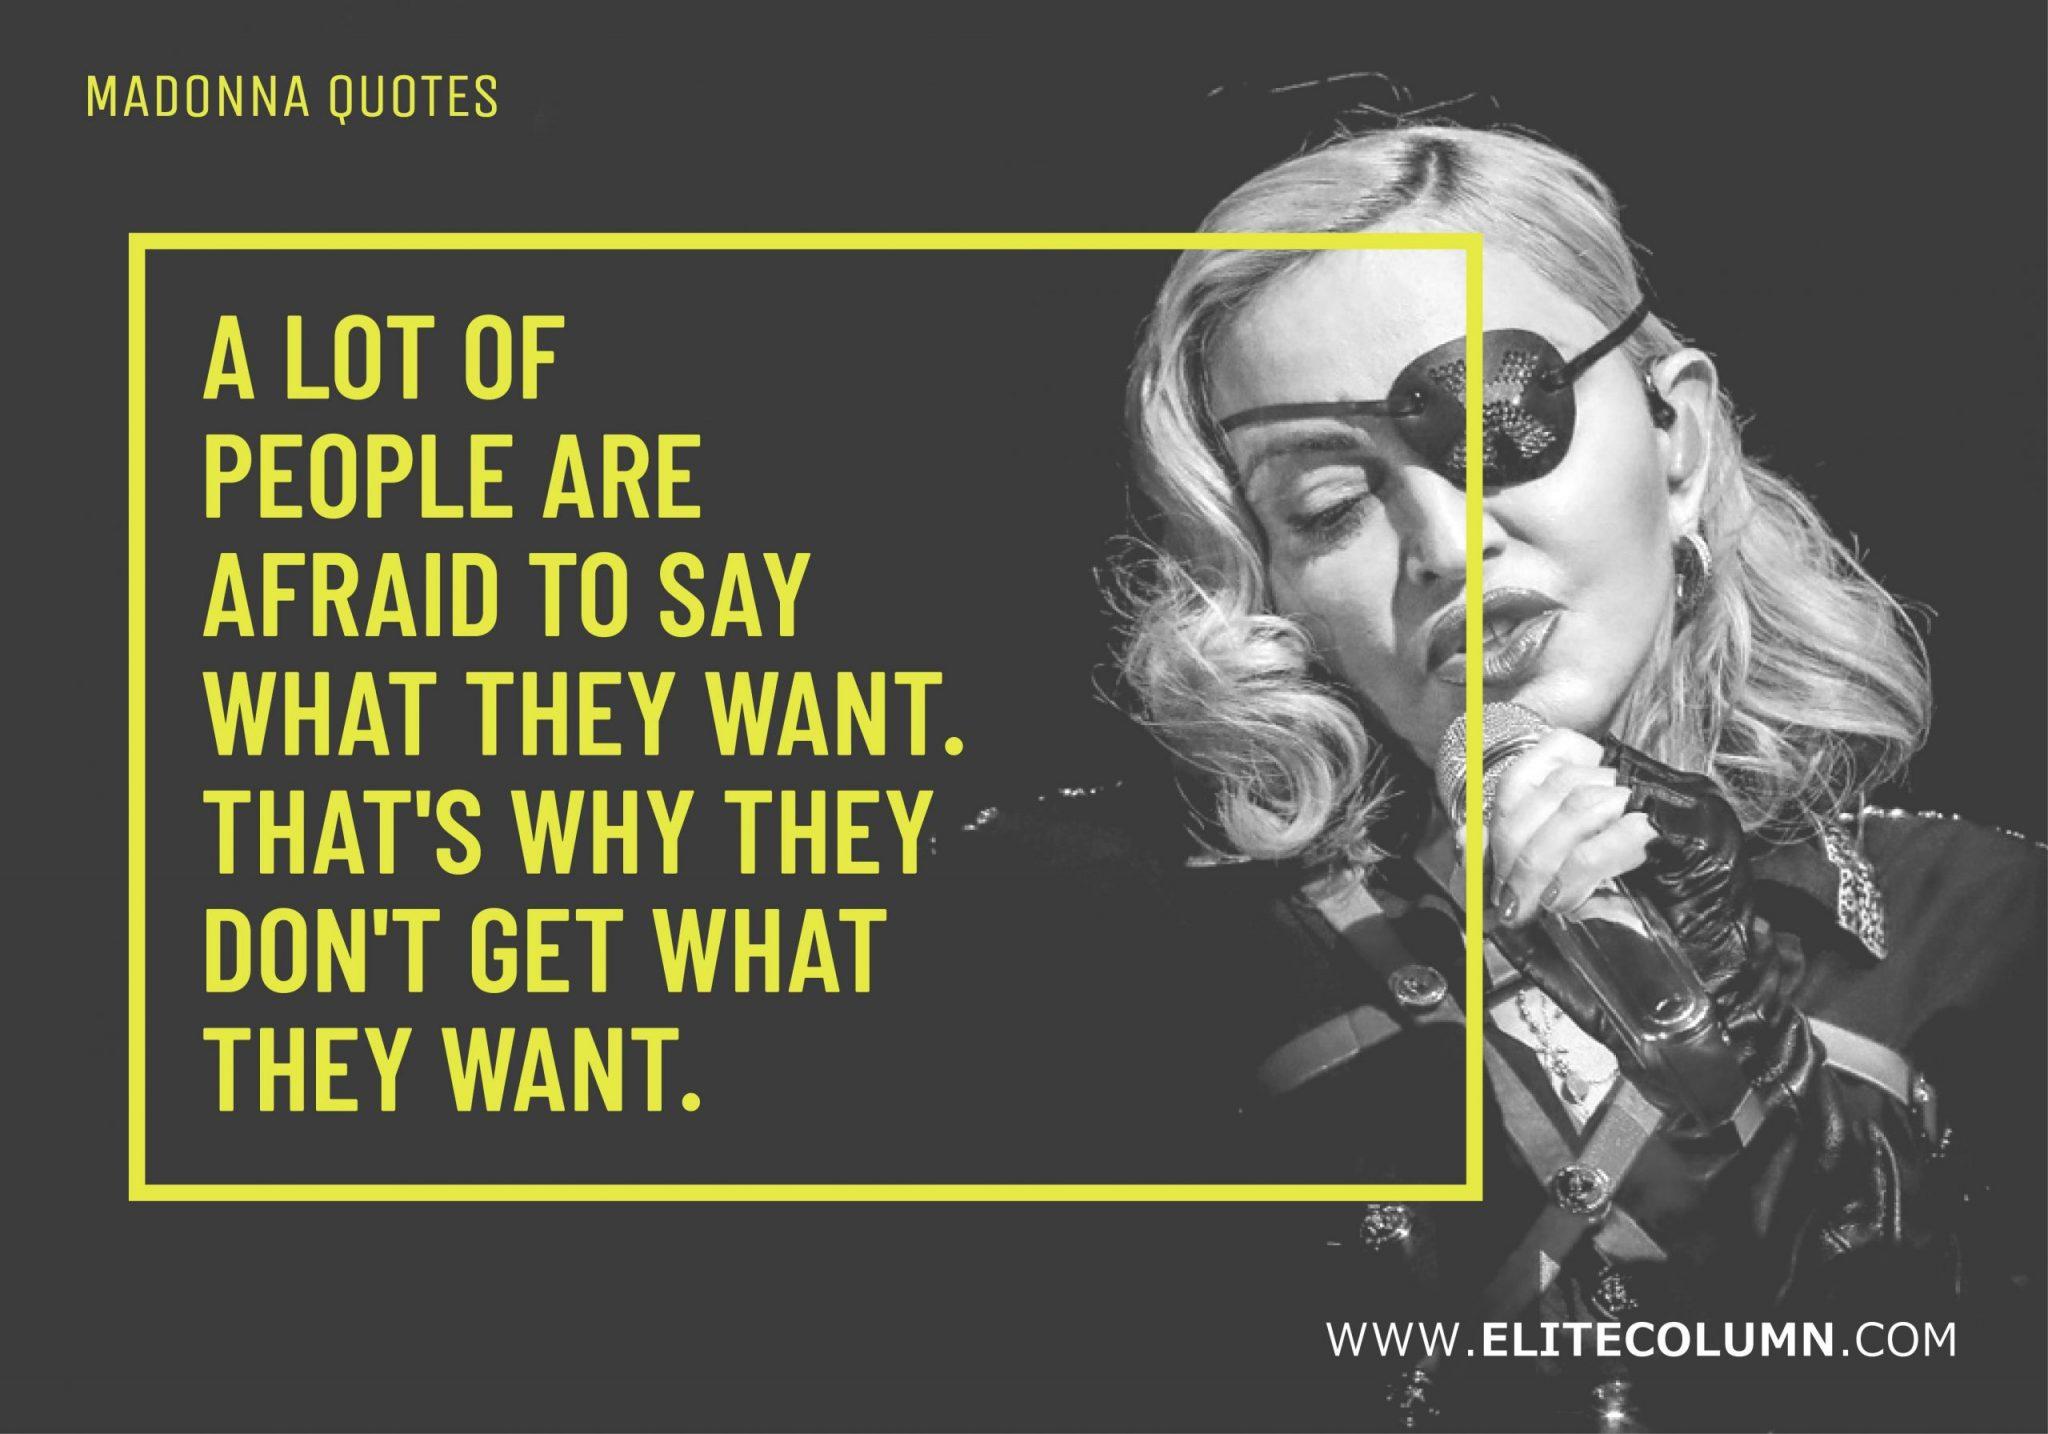 Madonna Quotes (2)